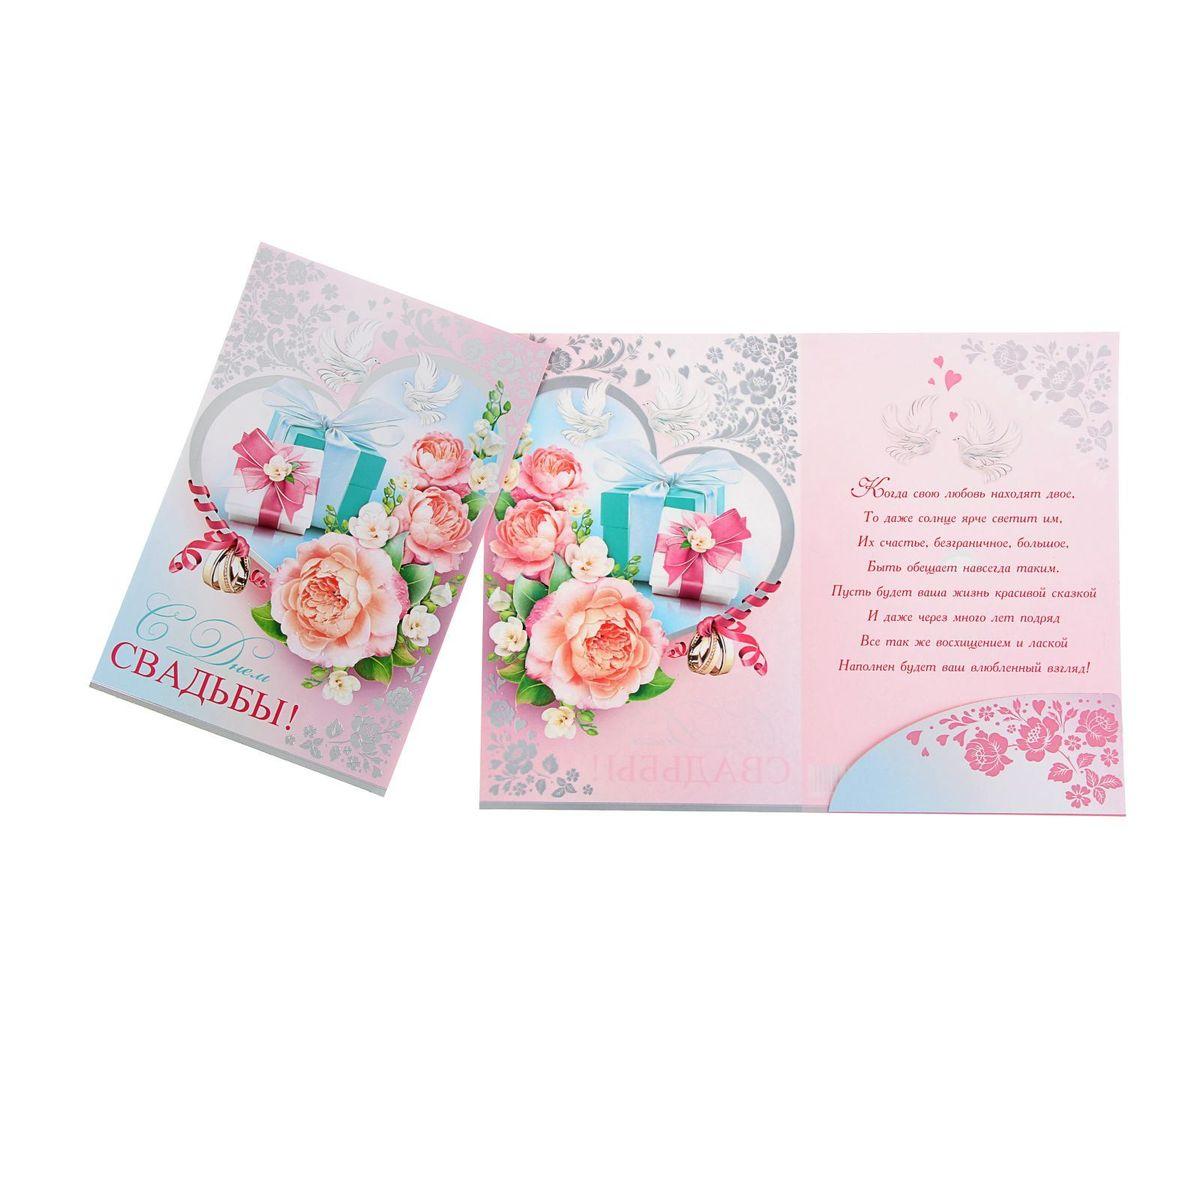 Открытка Мир открыток С Днем свадьбы! Цветы и подарки1263817Если вы хотите порадовать себя или близких, создать праздничное настроение и с улыбкой провести памятный день, то вы, несомненно, сделали правильный выбор! Открытка Мир открыток С Днем свадьбы! Цветы и подарки, выполненная из картона, отличается не только оригинальным дизайном, но и высоким качеством.Лицевая сторона изделия оформлена красивым изображением цветов, колец и подарков. Внутри открытка содержит текст с поздравлением.Такая открытка непременно порадует получателя и станет отличным напоминанием о проведенном вместе времени.